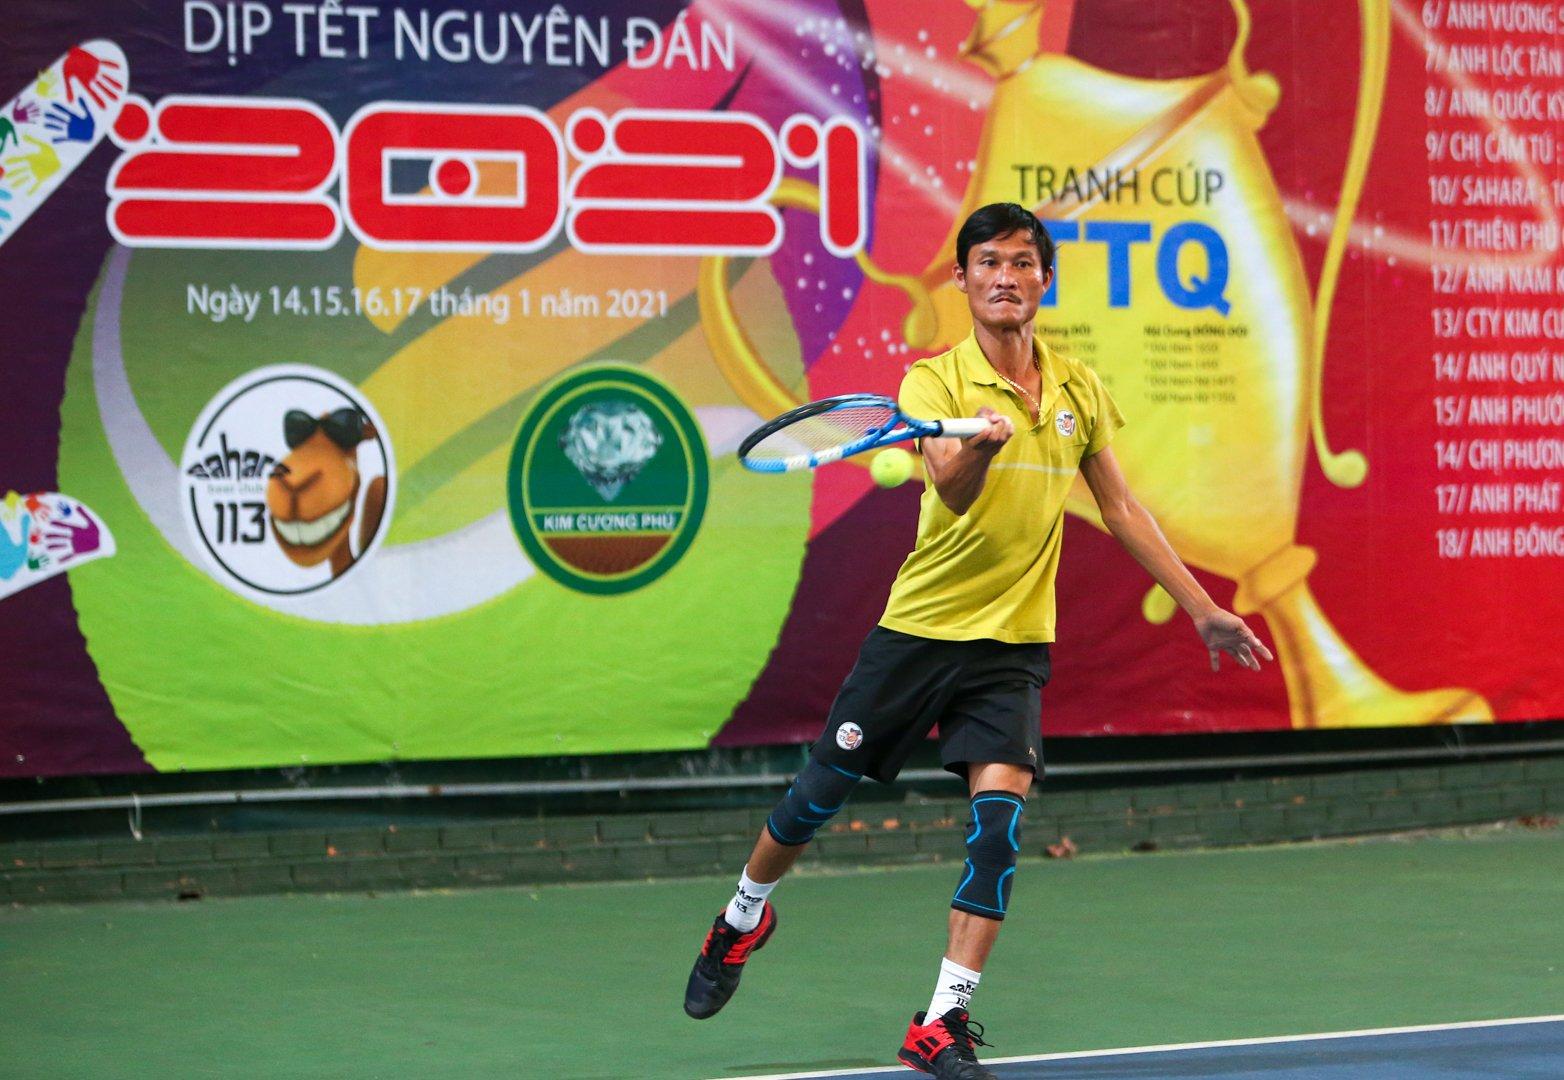 Hình ảnh: Ấm lòng giải quần vợt từ thiện nhân dịp Tết Nguyên Đán 2021 – Tranh Cúp TTQ số 1